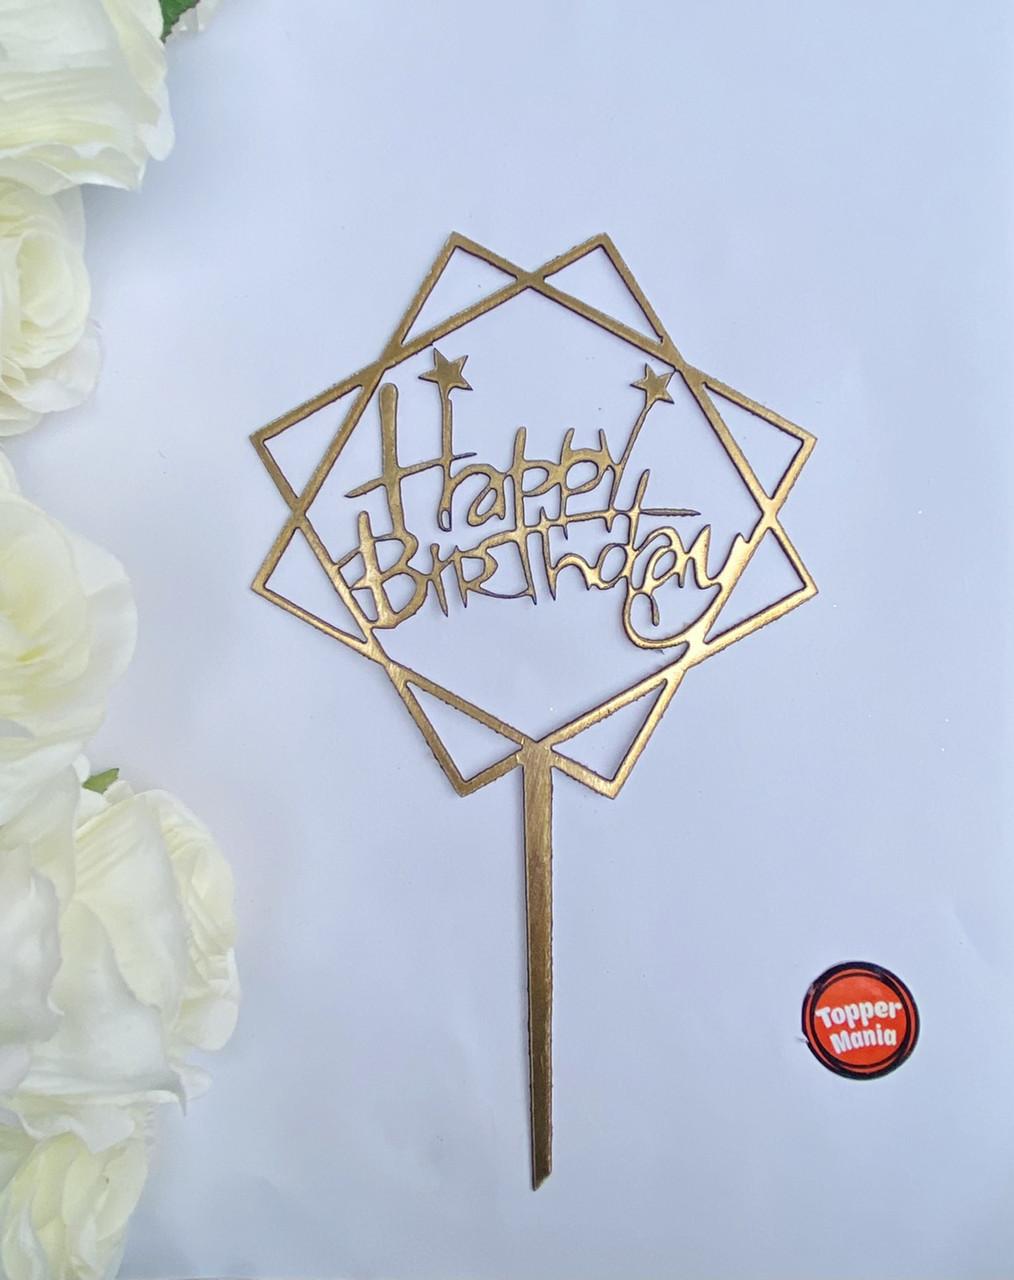 Топпер Happy Birthday в квадрате из ламинированного картона Золотой | Топпер Happy Birthday зеркальный картон